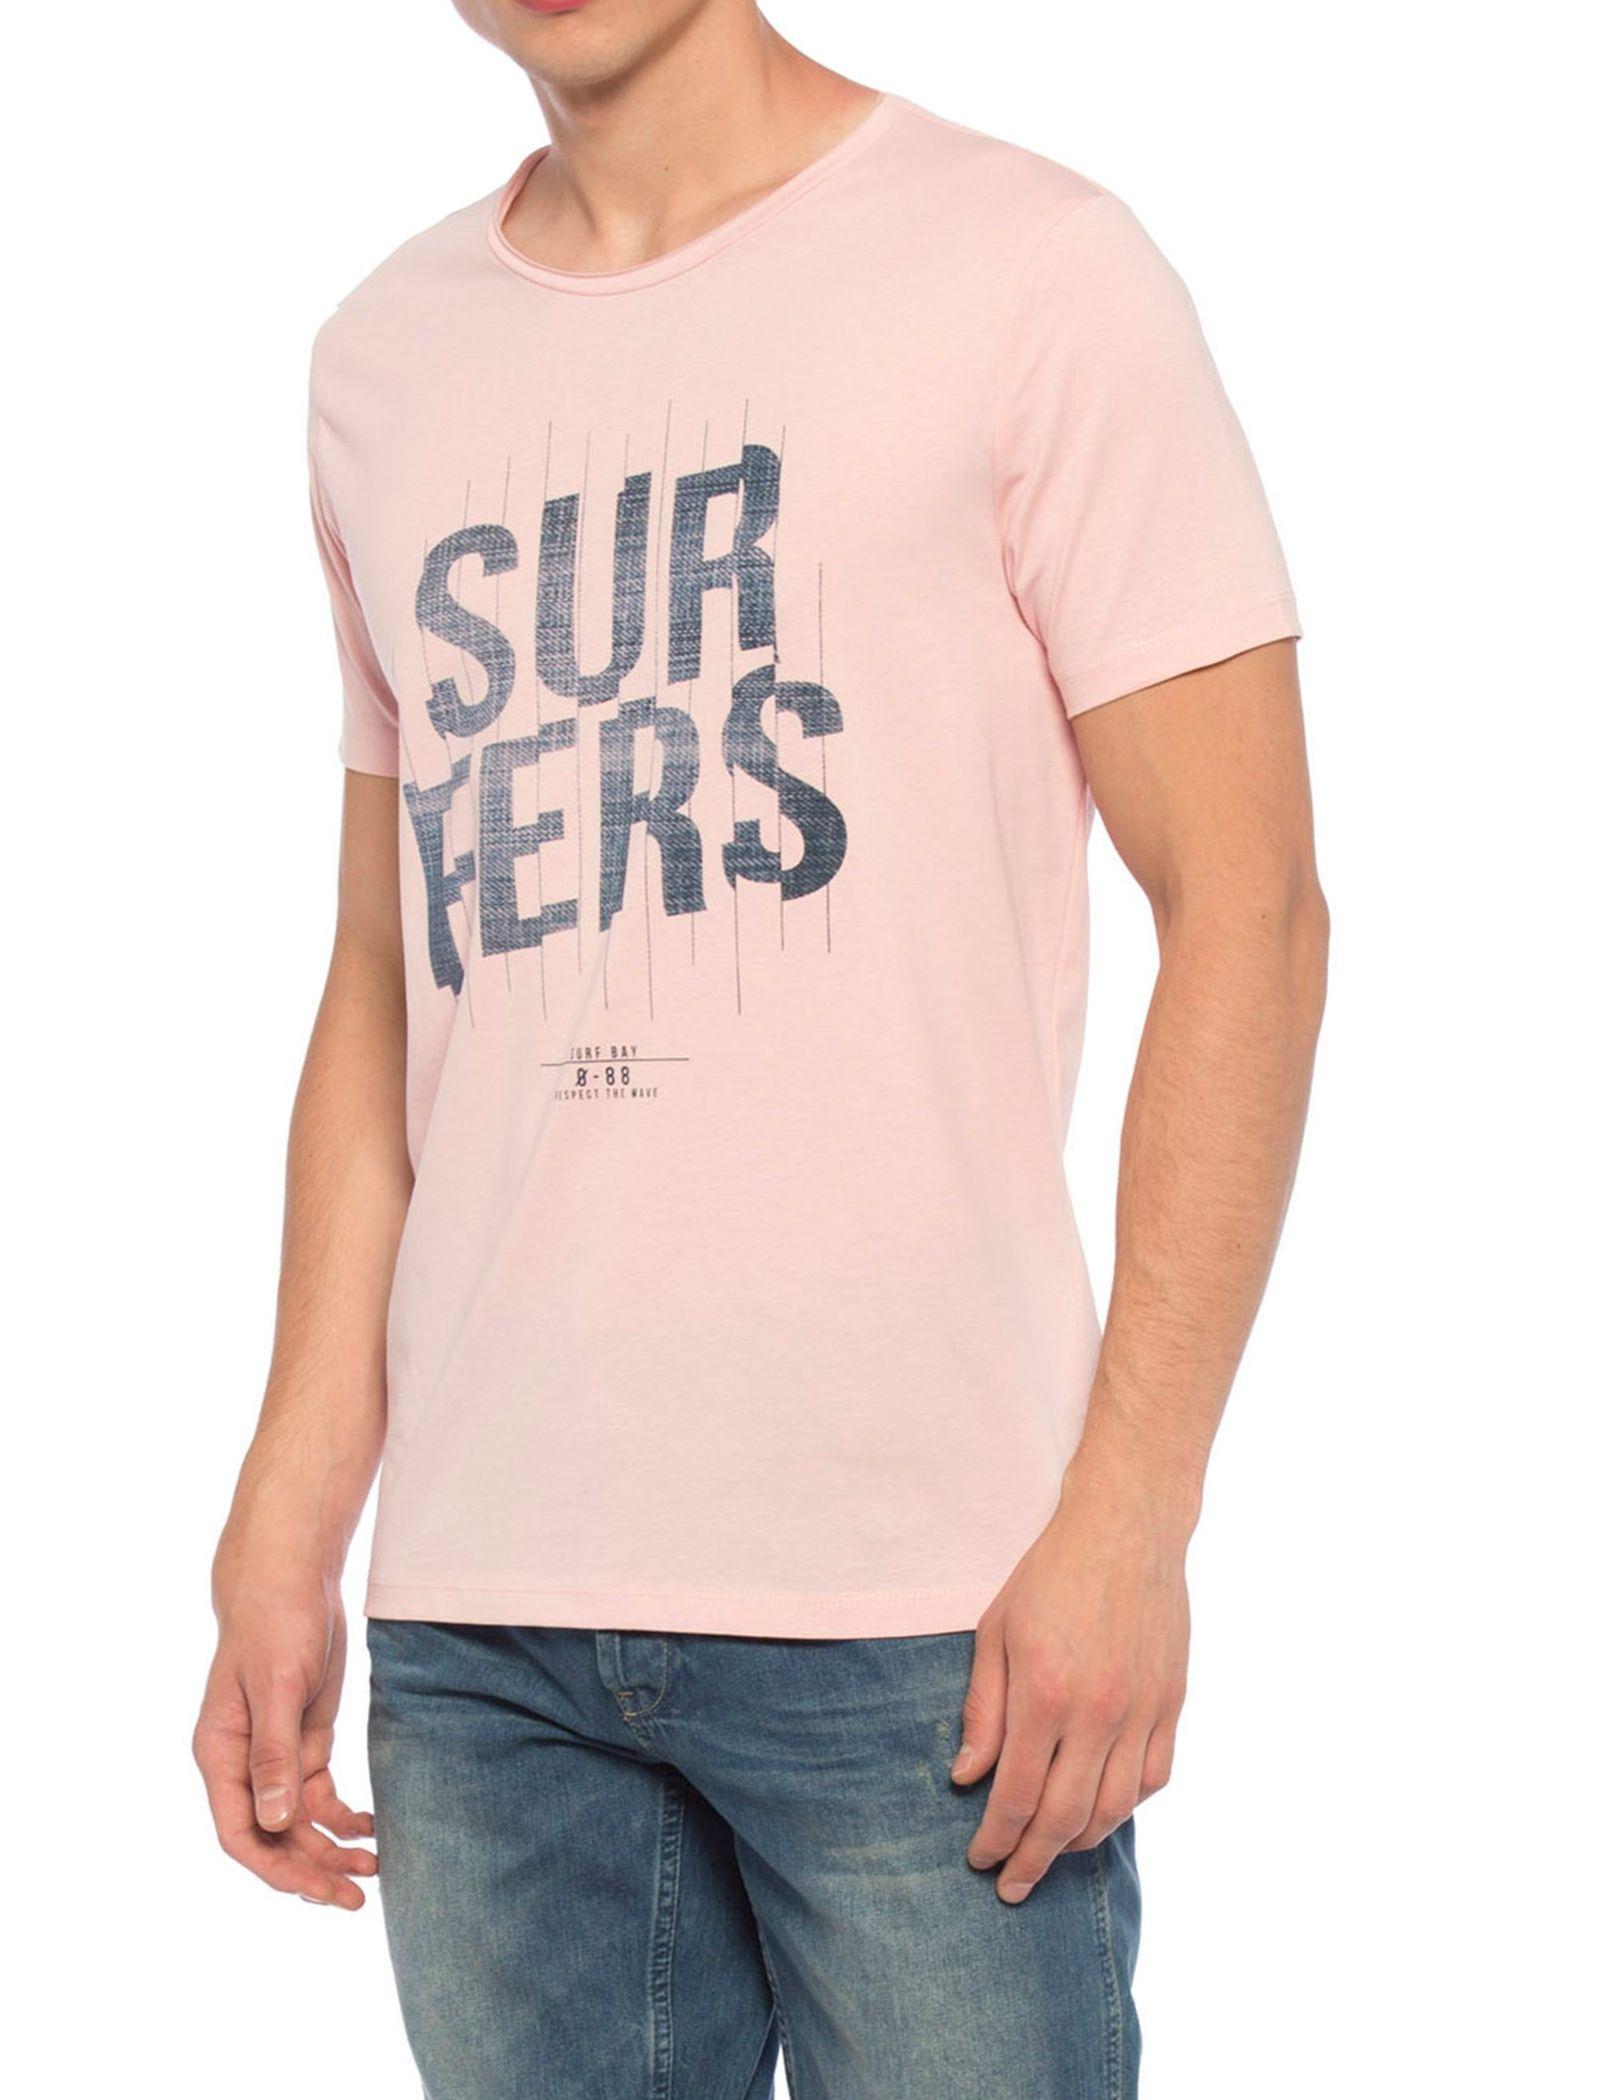 تی شرت نخی یقه گرد مردانه - ال سی وایکیکی - صورتي - 2